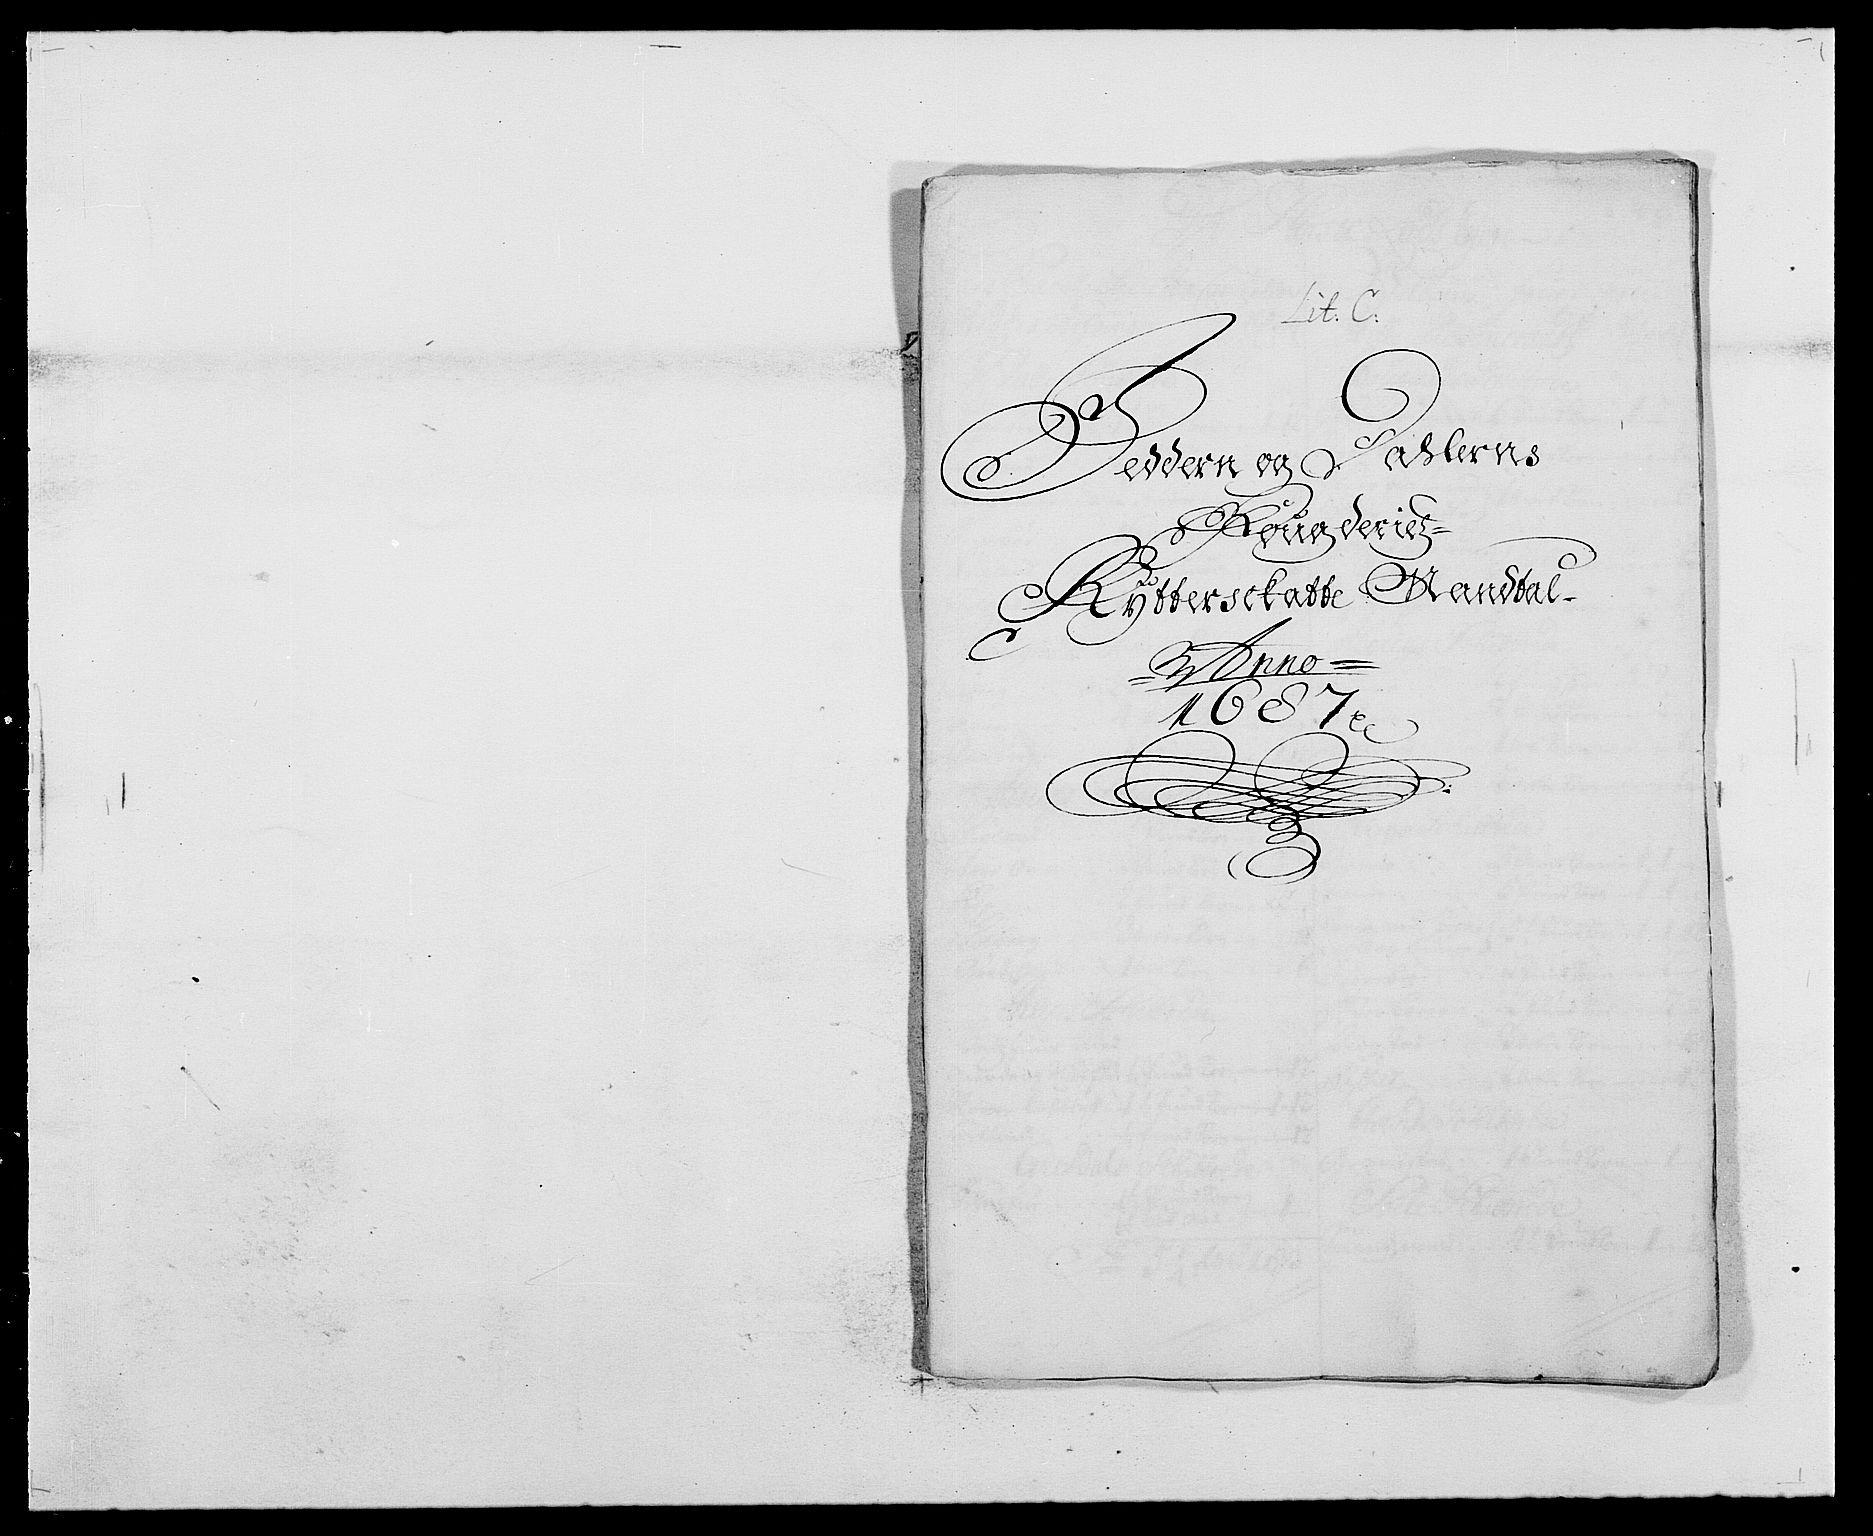 RA, Rentekammeret inntil 1814, Reviderte regnskaper, Fogderegnskap, R46/L2726: Fogderegnskap Jæren og Dalane, 1686-1689, s. 163